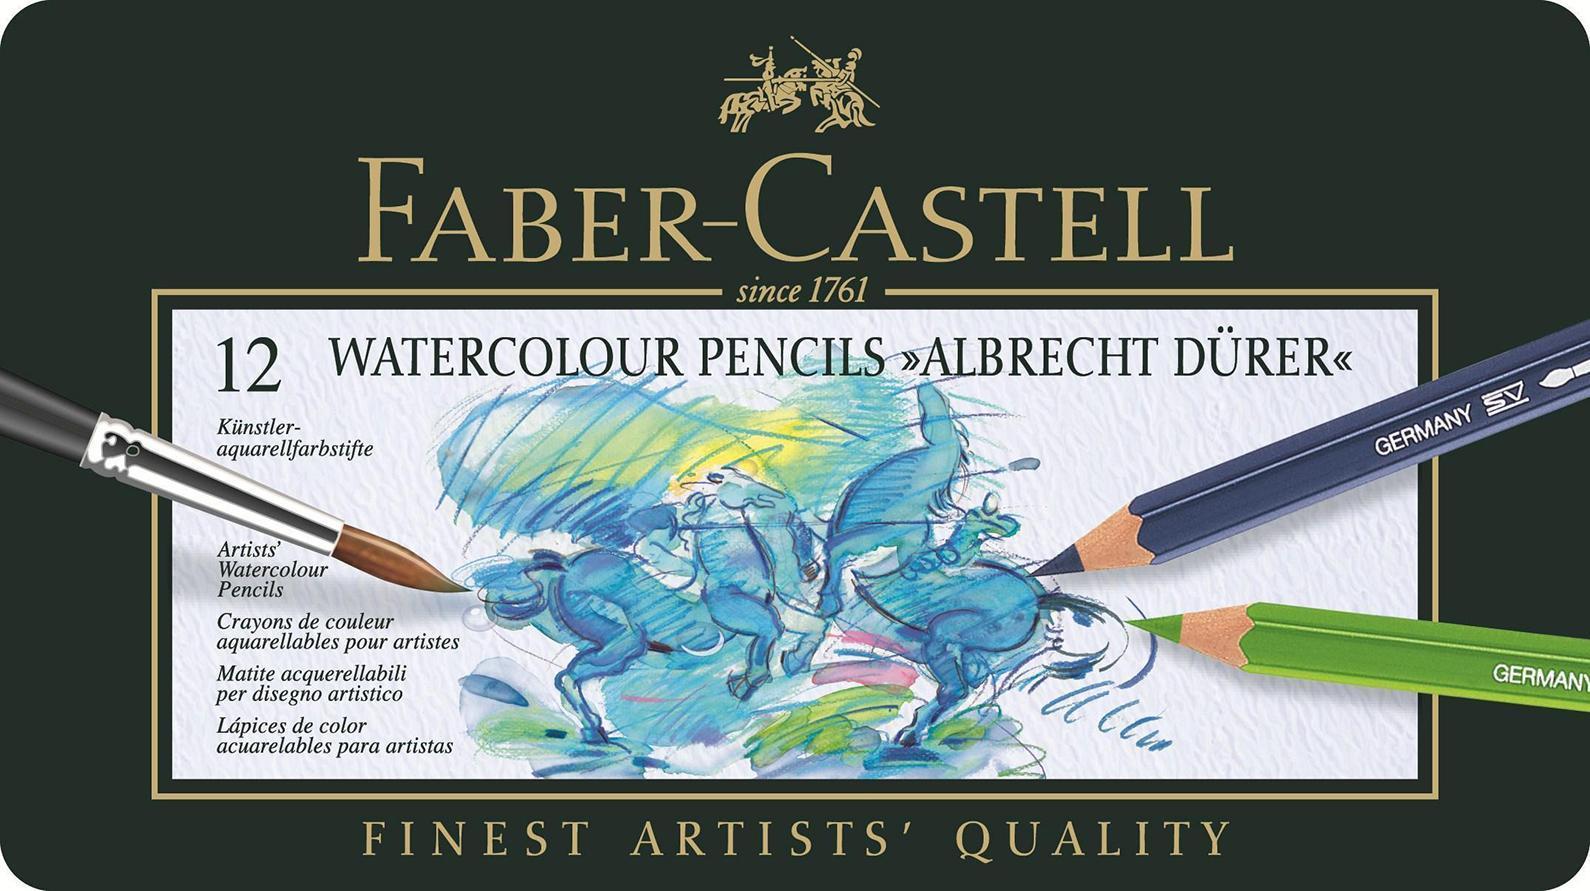 Акварельные карандаши ALBRECHT DURER®, набор цветов, в металлической коробке, 12 шт.117512В наборе карандаши 12 цветов: белый, желтый, оранжевый, красный, фиолетовый, голубой, синий,зеленый, салатовый, бежевый, коричневый, черный. Вид карандаша: Акварельный. Материал: дерево.